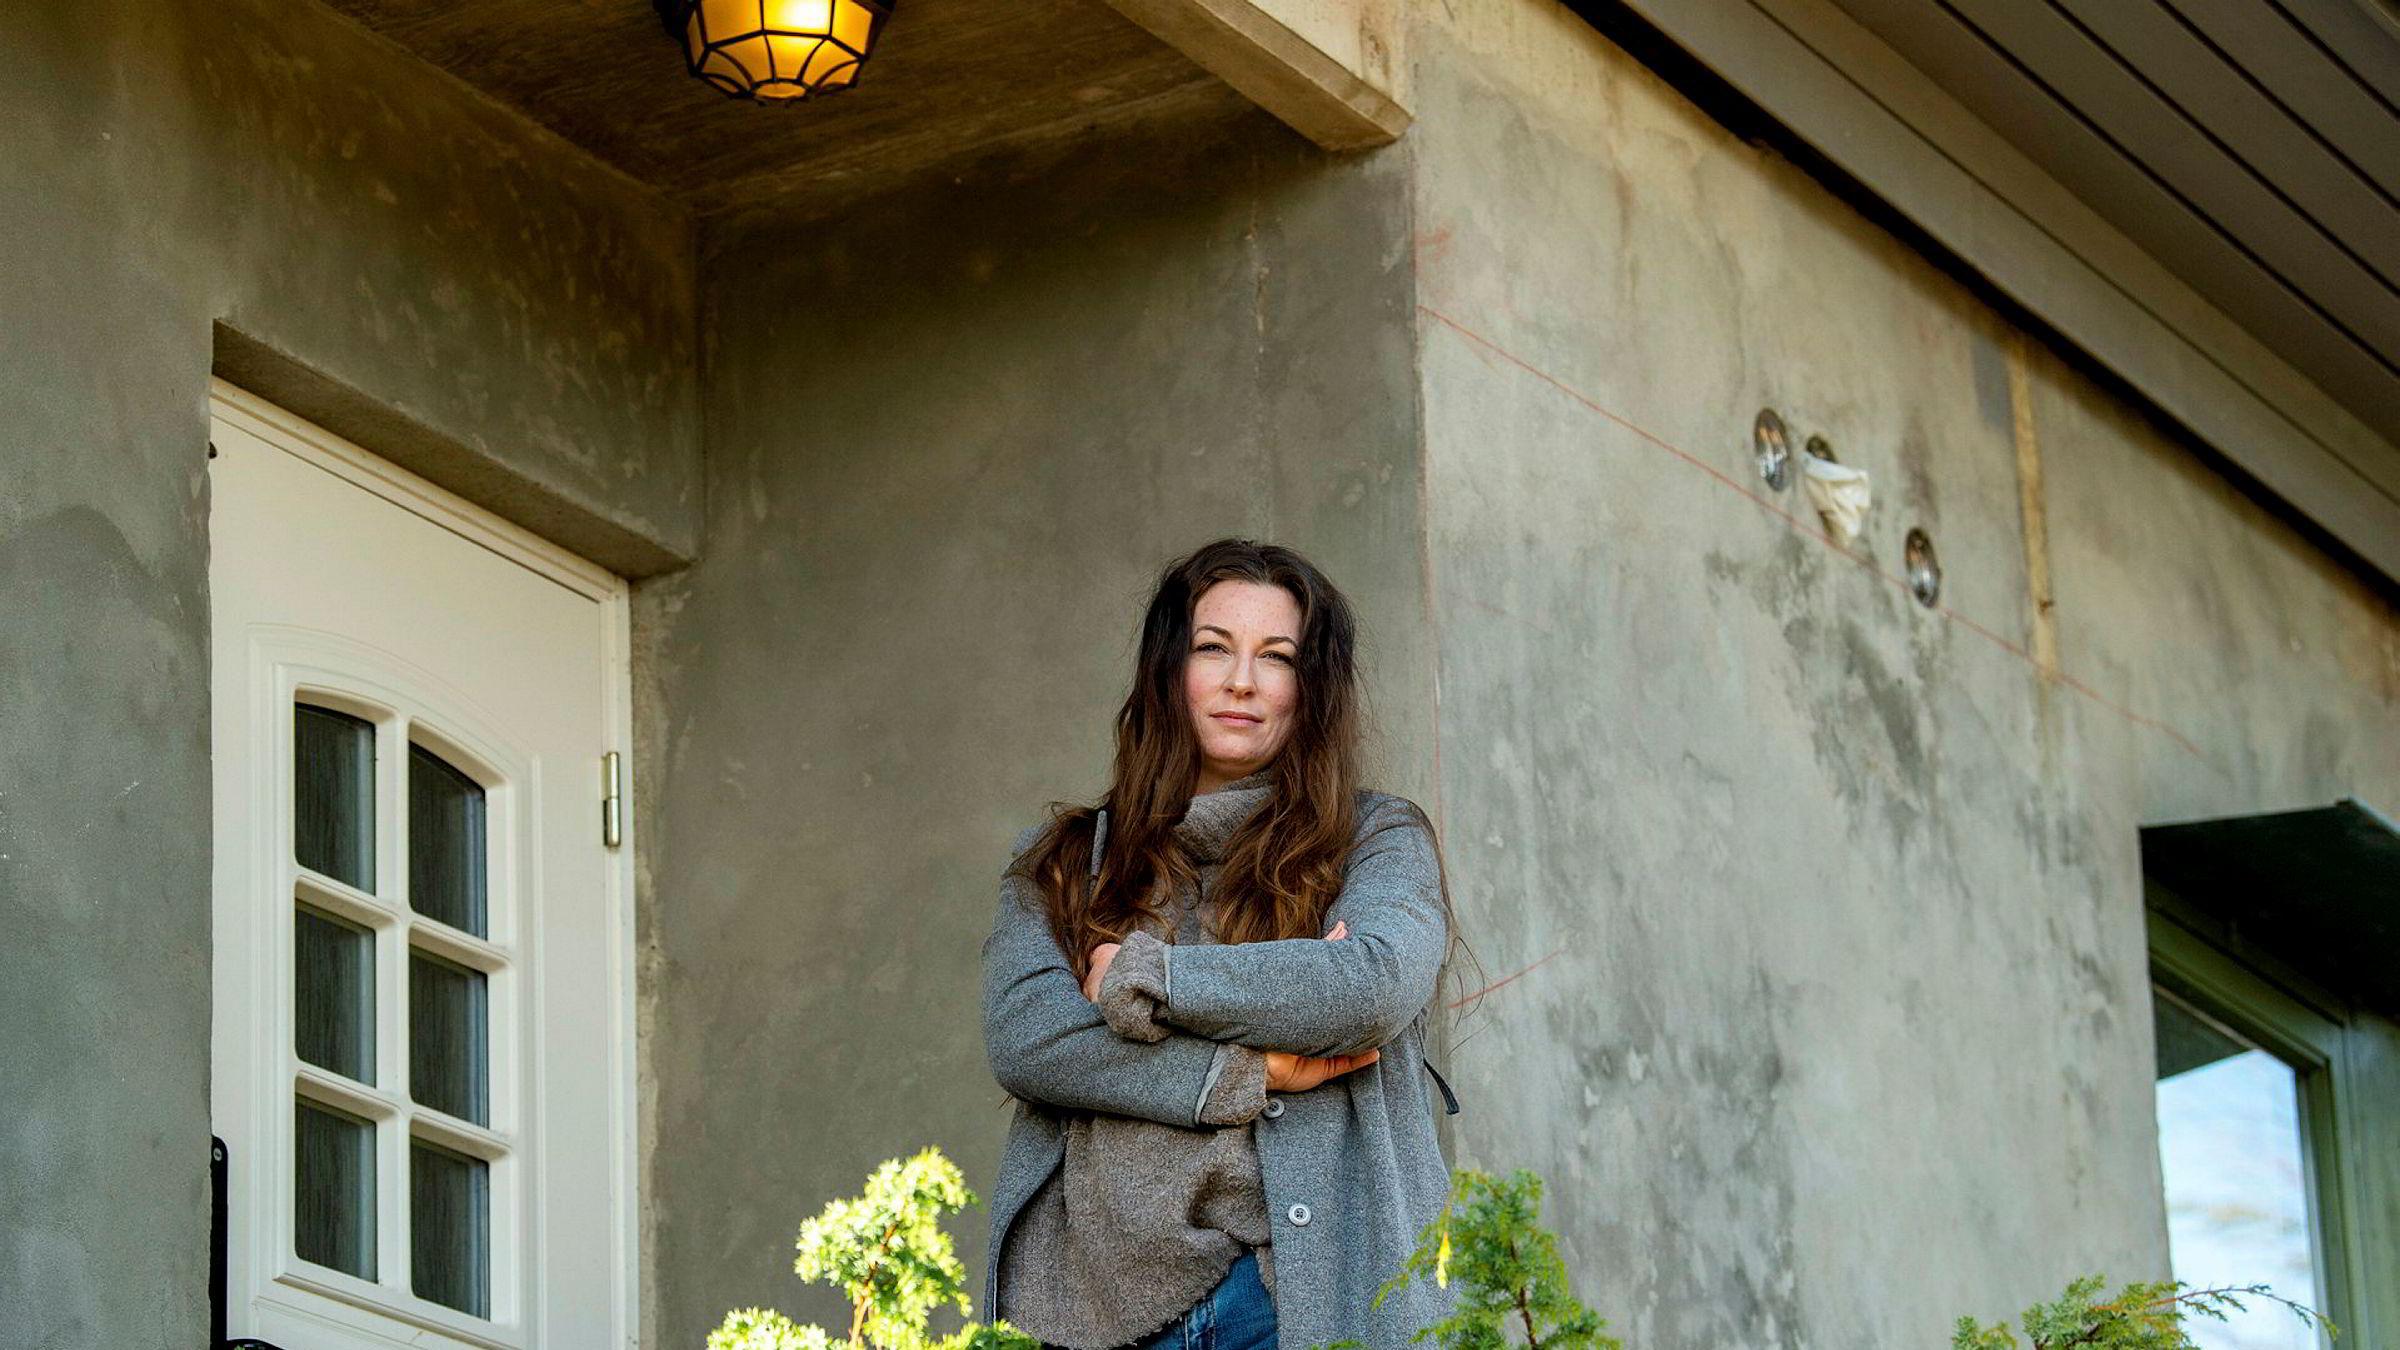 – Vi småbedriftene utgjør mange over hele landet. Og vi trengs jo igjen om et halvt år vi, eller noen måneder, sier Eva Strøm Jørgensen, som er gründeren bak et boligstyling-firma med to ansatte. Hun er selv i karantene og kan ikke ta de få oppdragene hennes bedrift nå har.